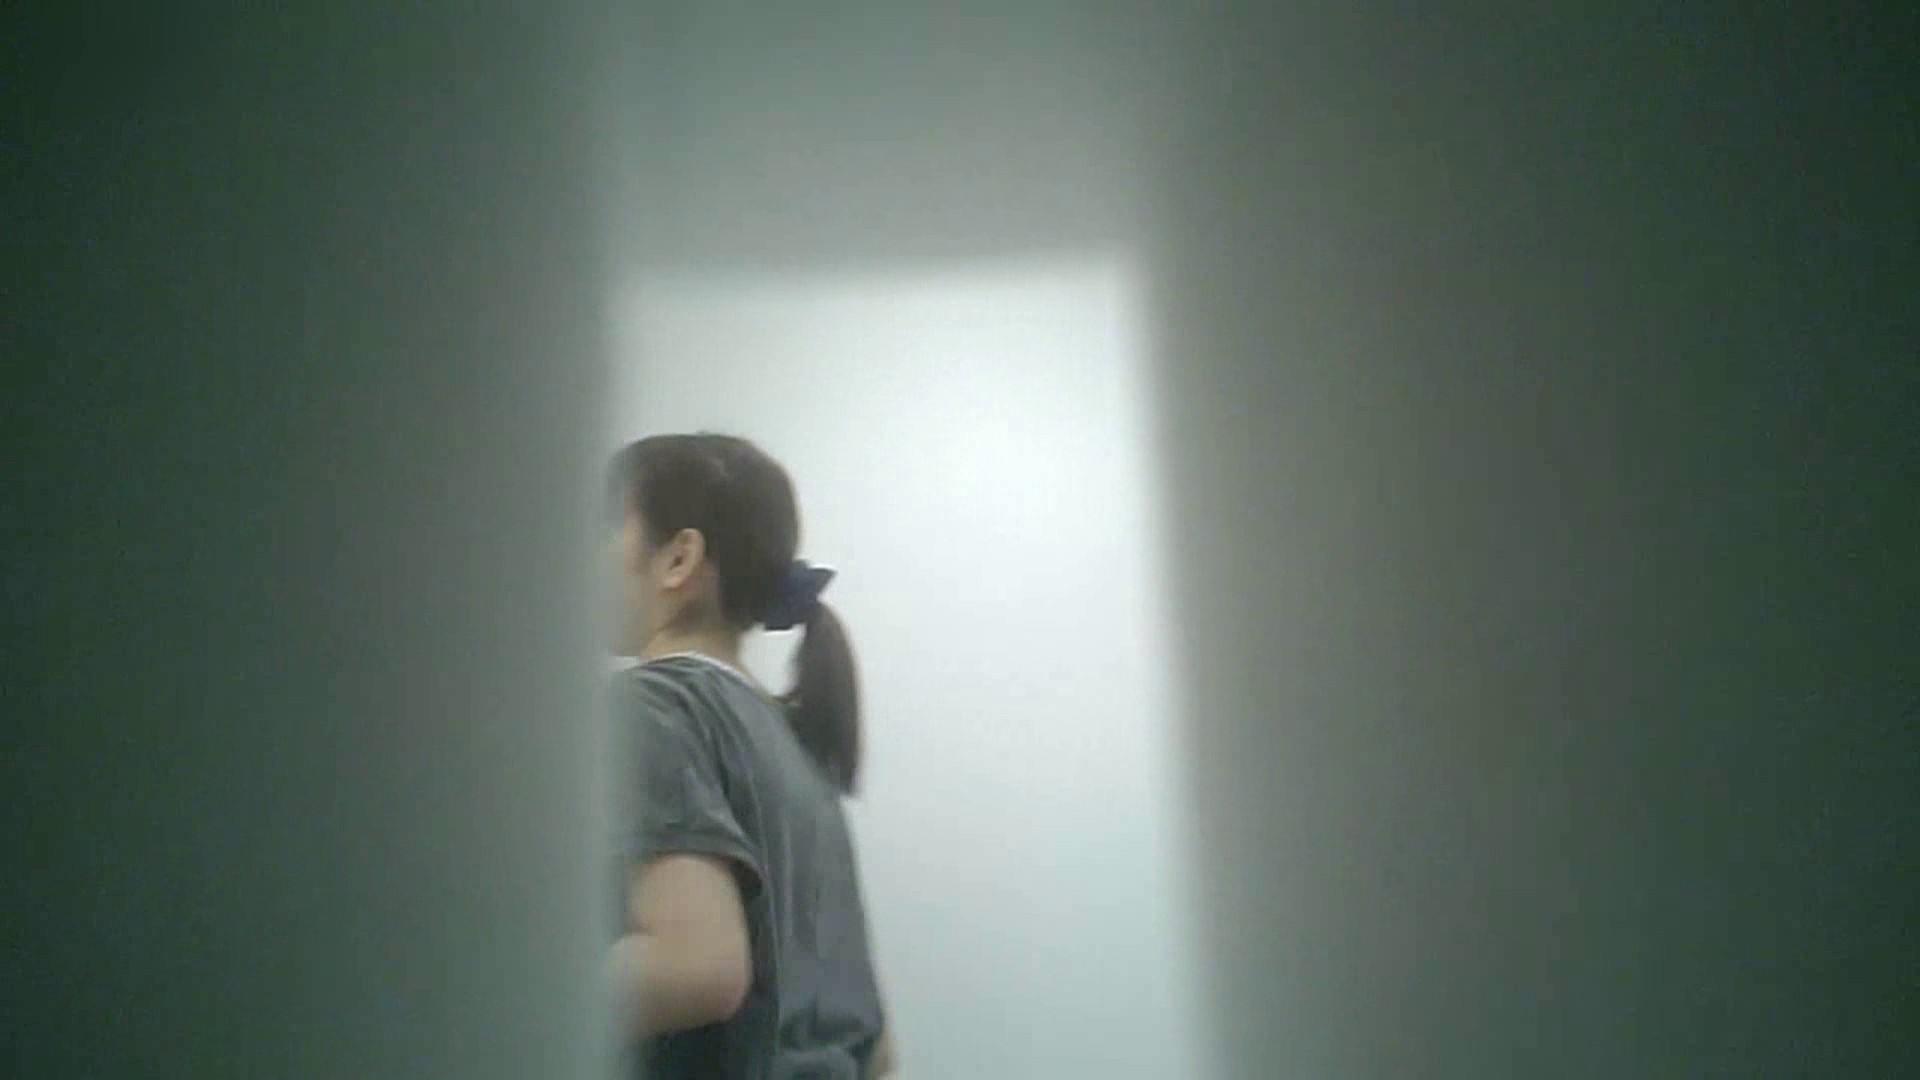 有名大学女性洗面所 vol.45 冴え渡る多方向撮影!職人技です。 OL  86連発 44